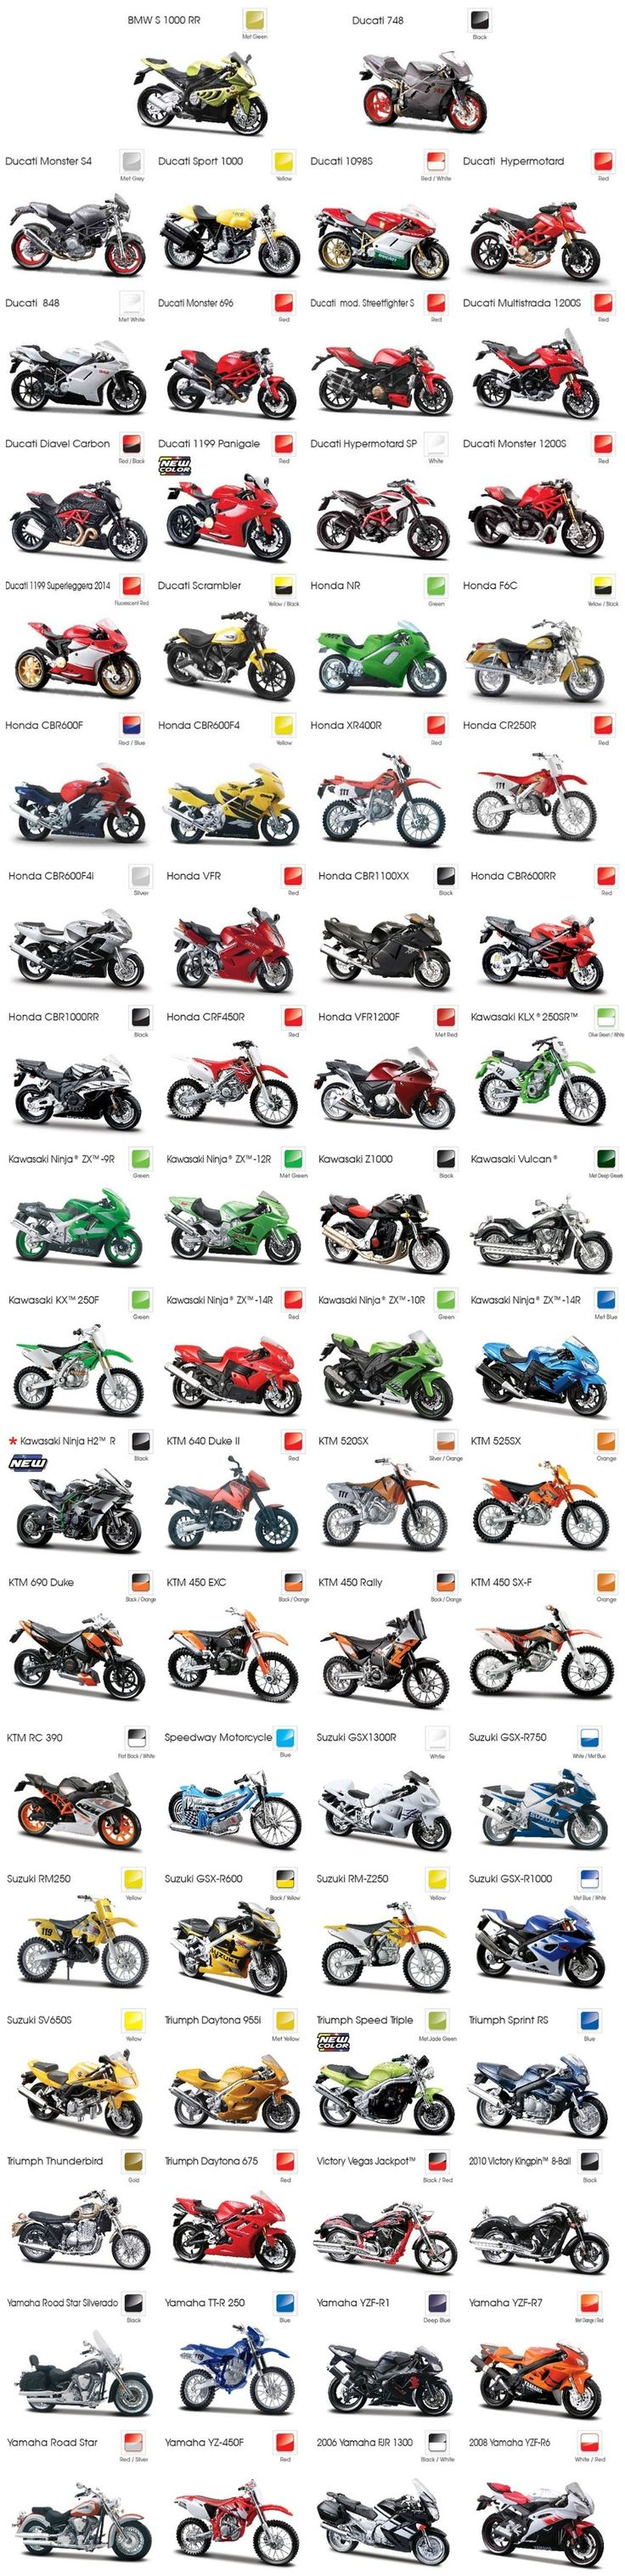 A Maisto divulgou seu novo catálogo, os mais de 200 modelos de motos são espetaculares! Venha conferir com a gente o catálogo das motos Maisto 2016.